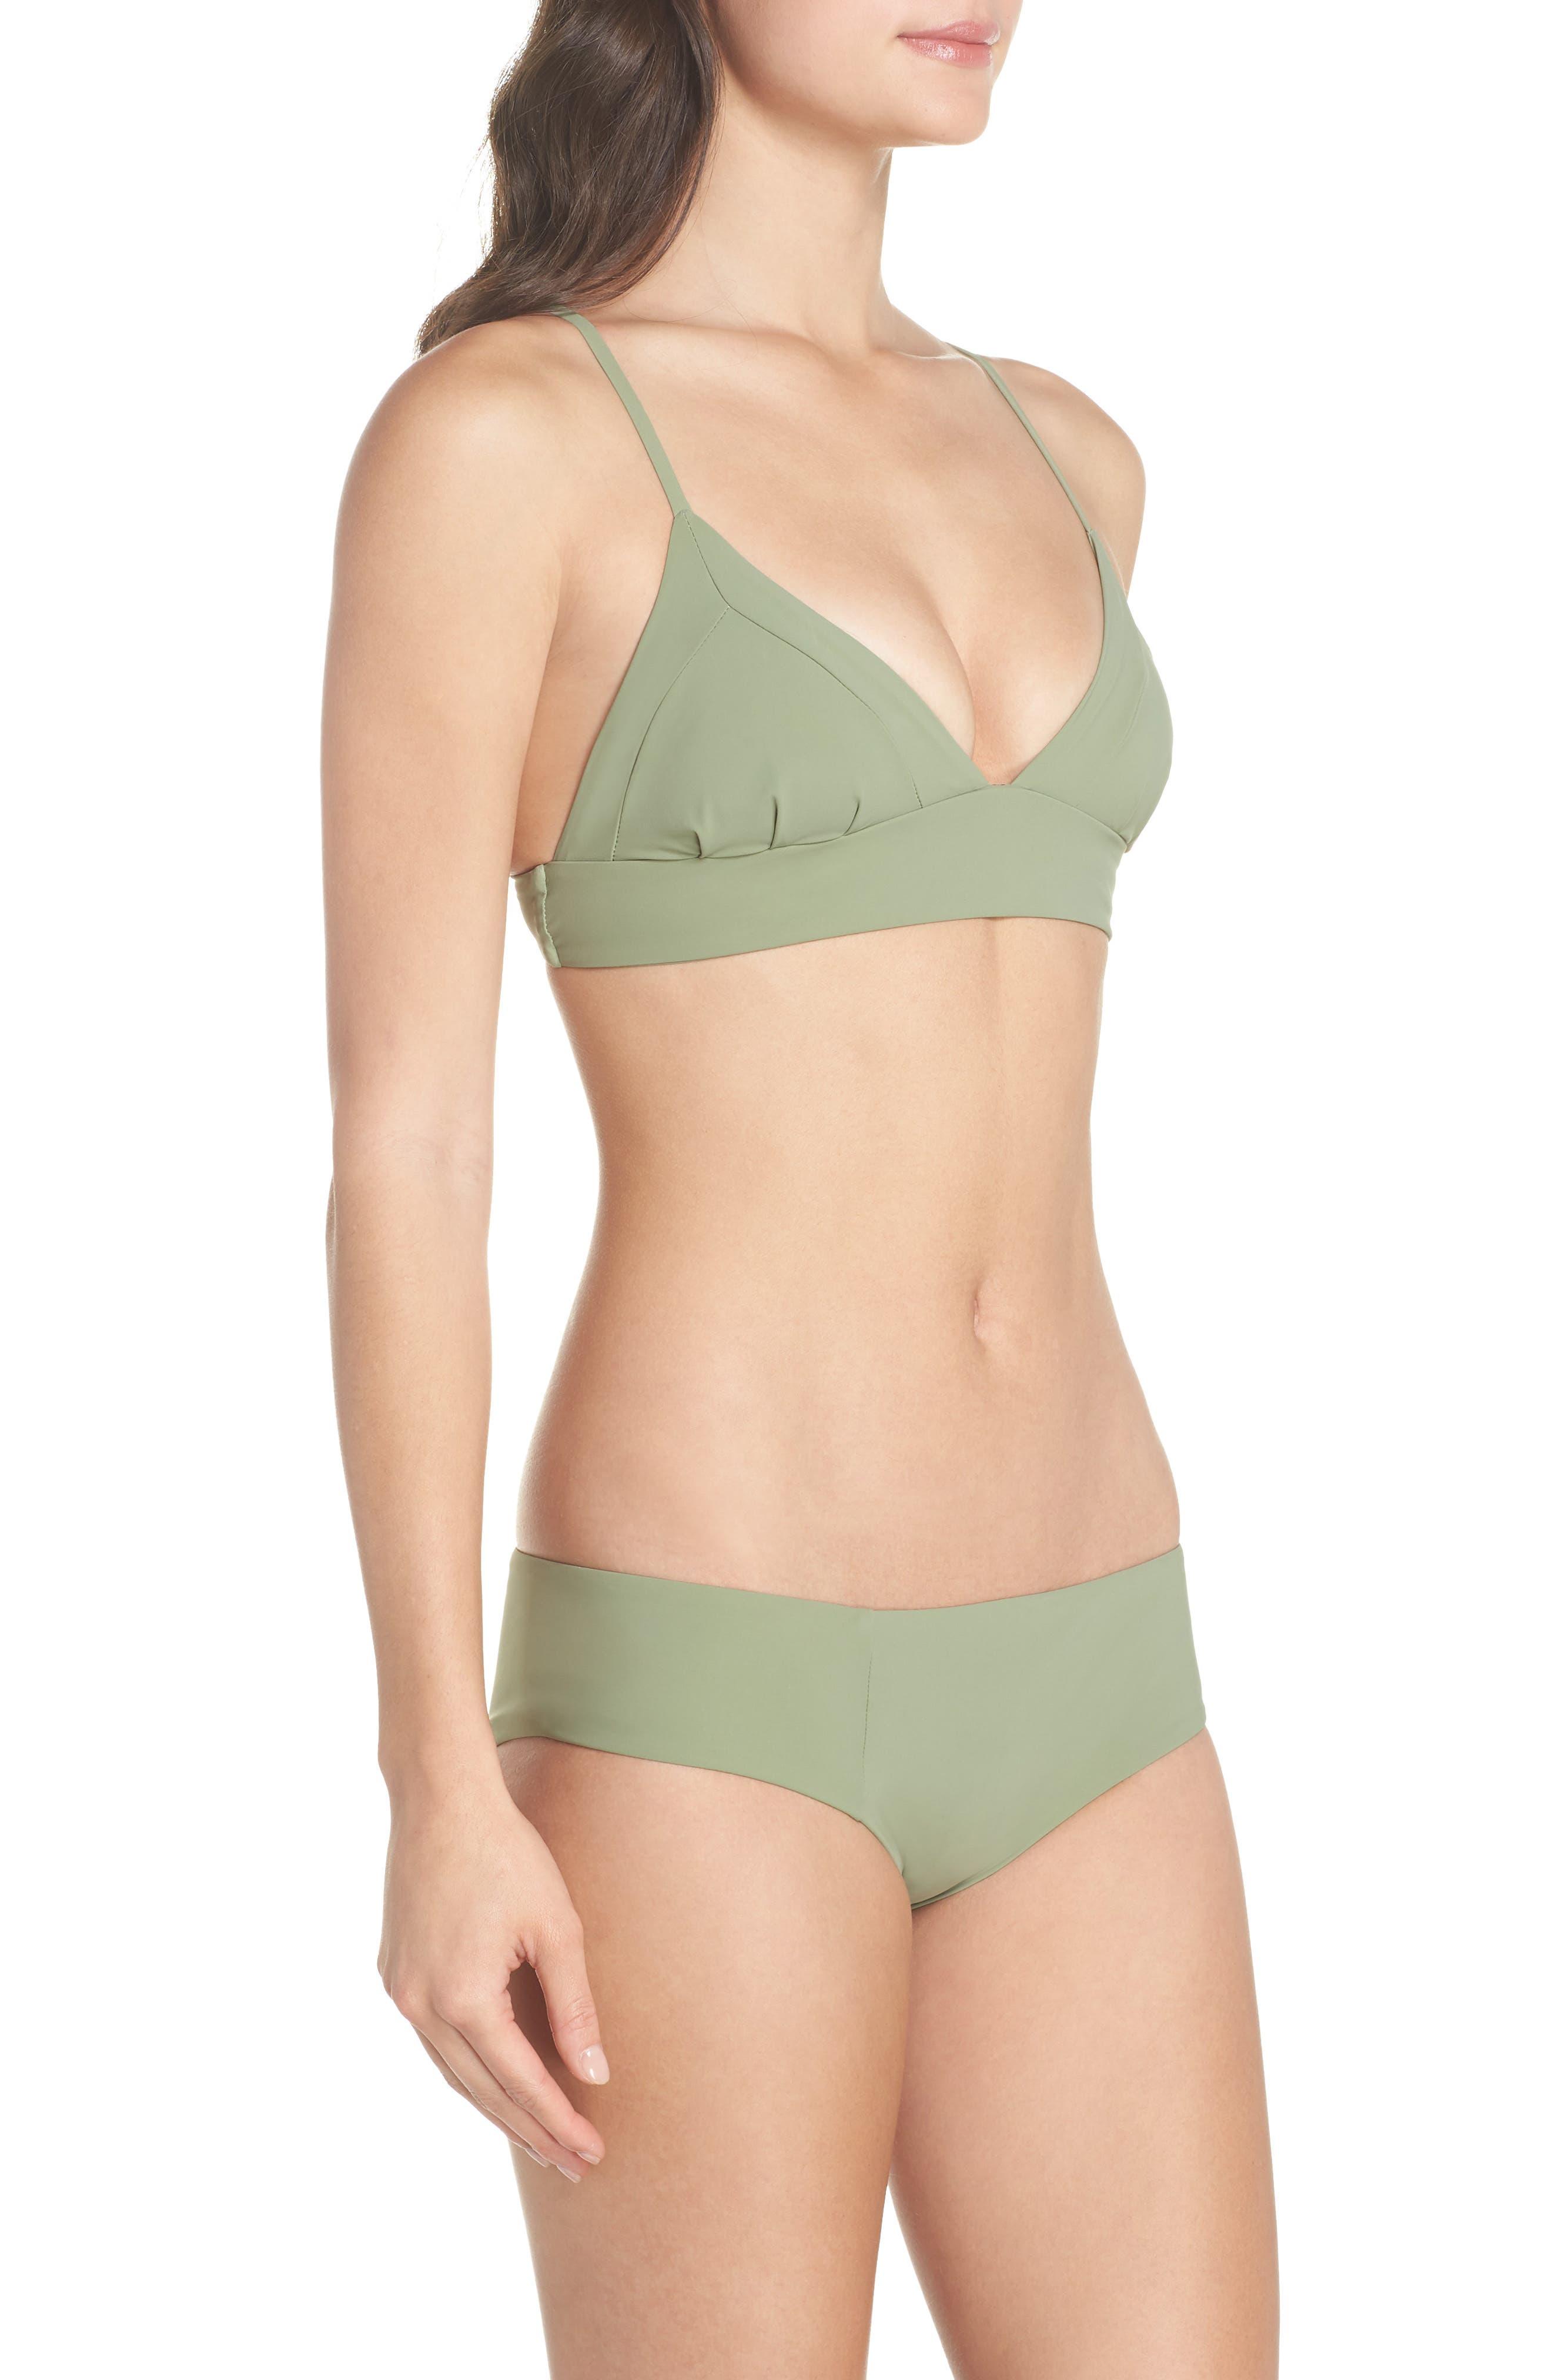 Dana the Delinquent Bikini Top,                             Alternate thumbnail 9, color,                             SAGE